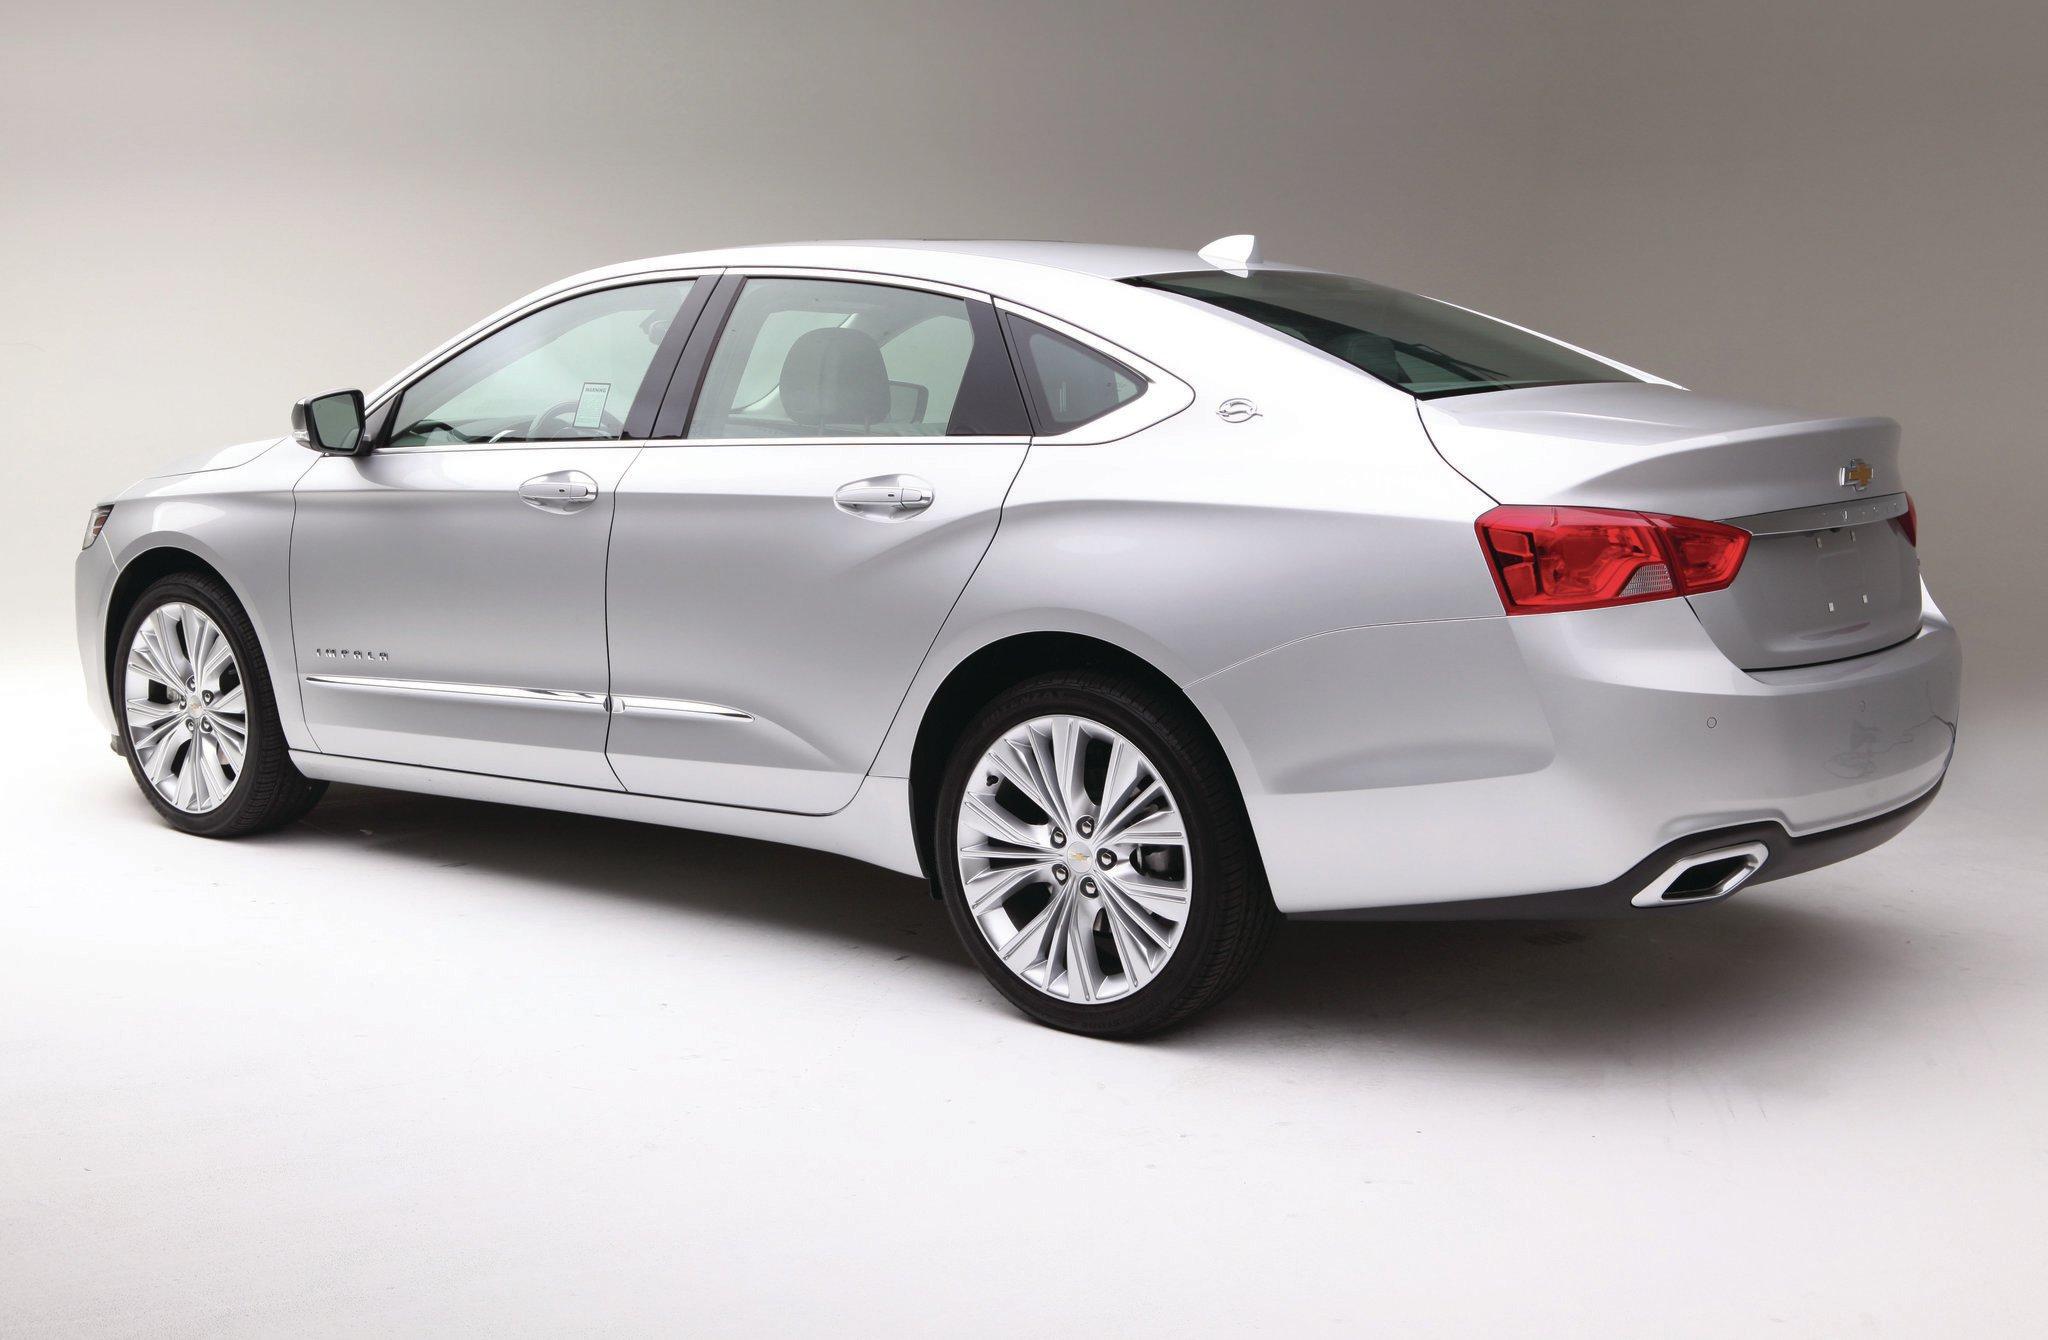 impala front damage app chevrolet end lim